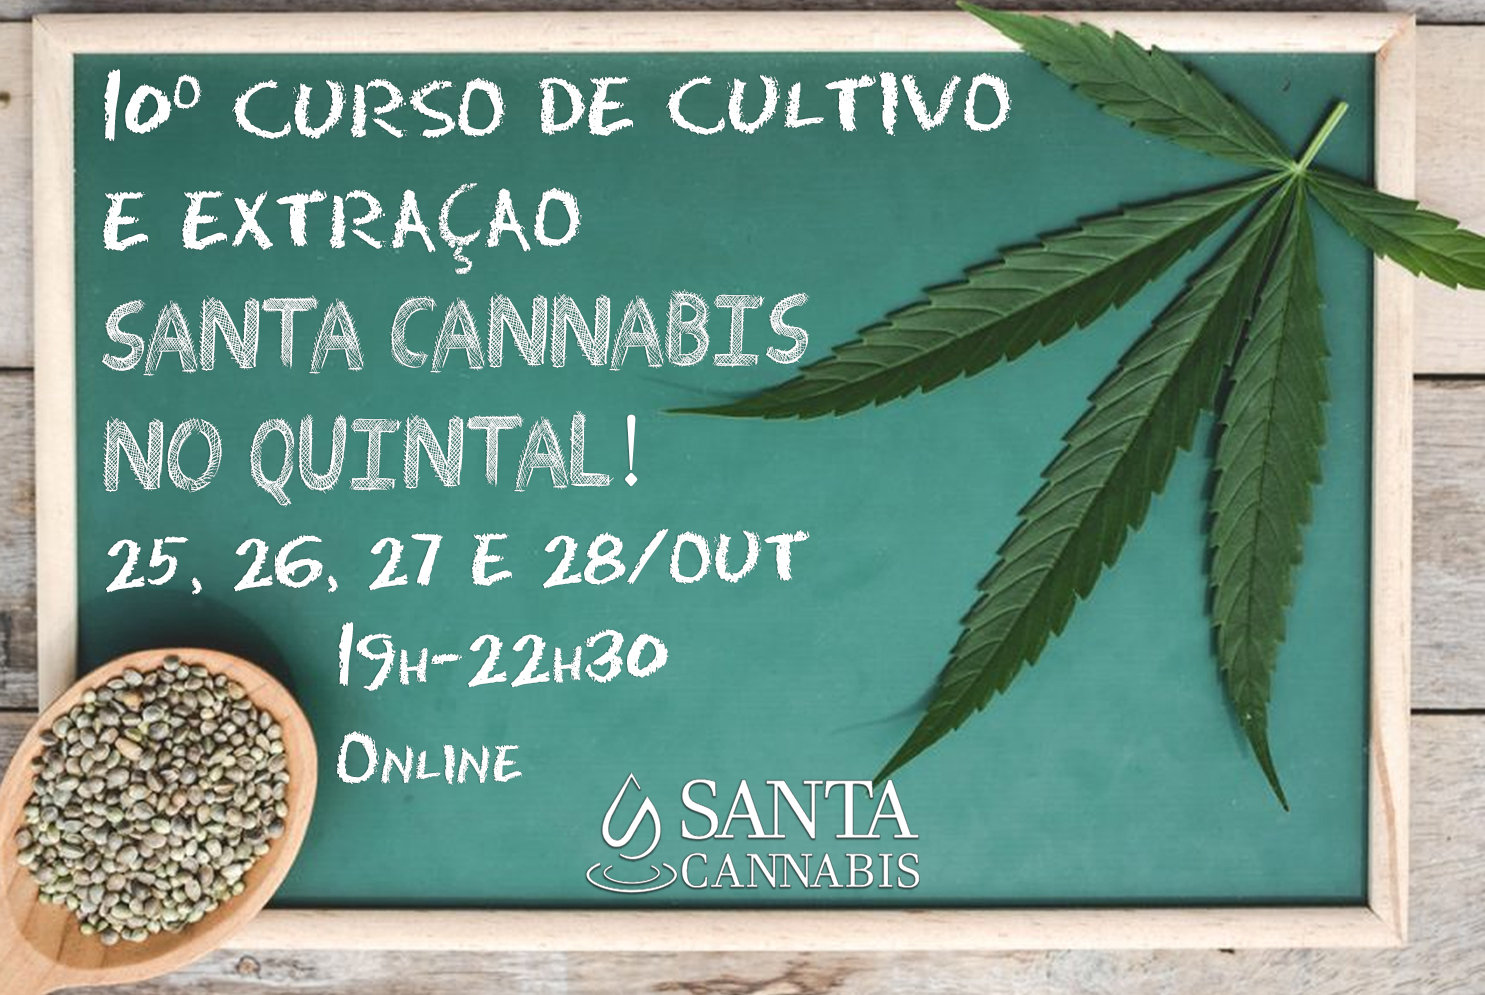 10º Curso de Cultivo e Extração Santa Cannabis no Quintal